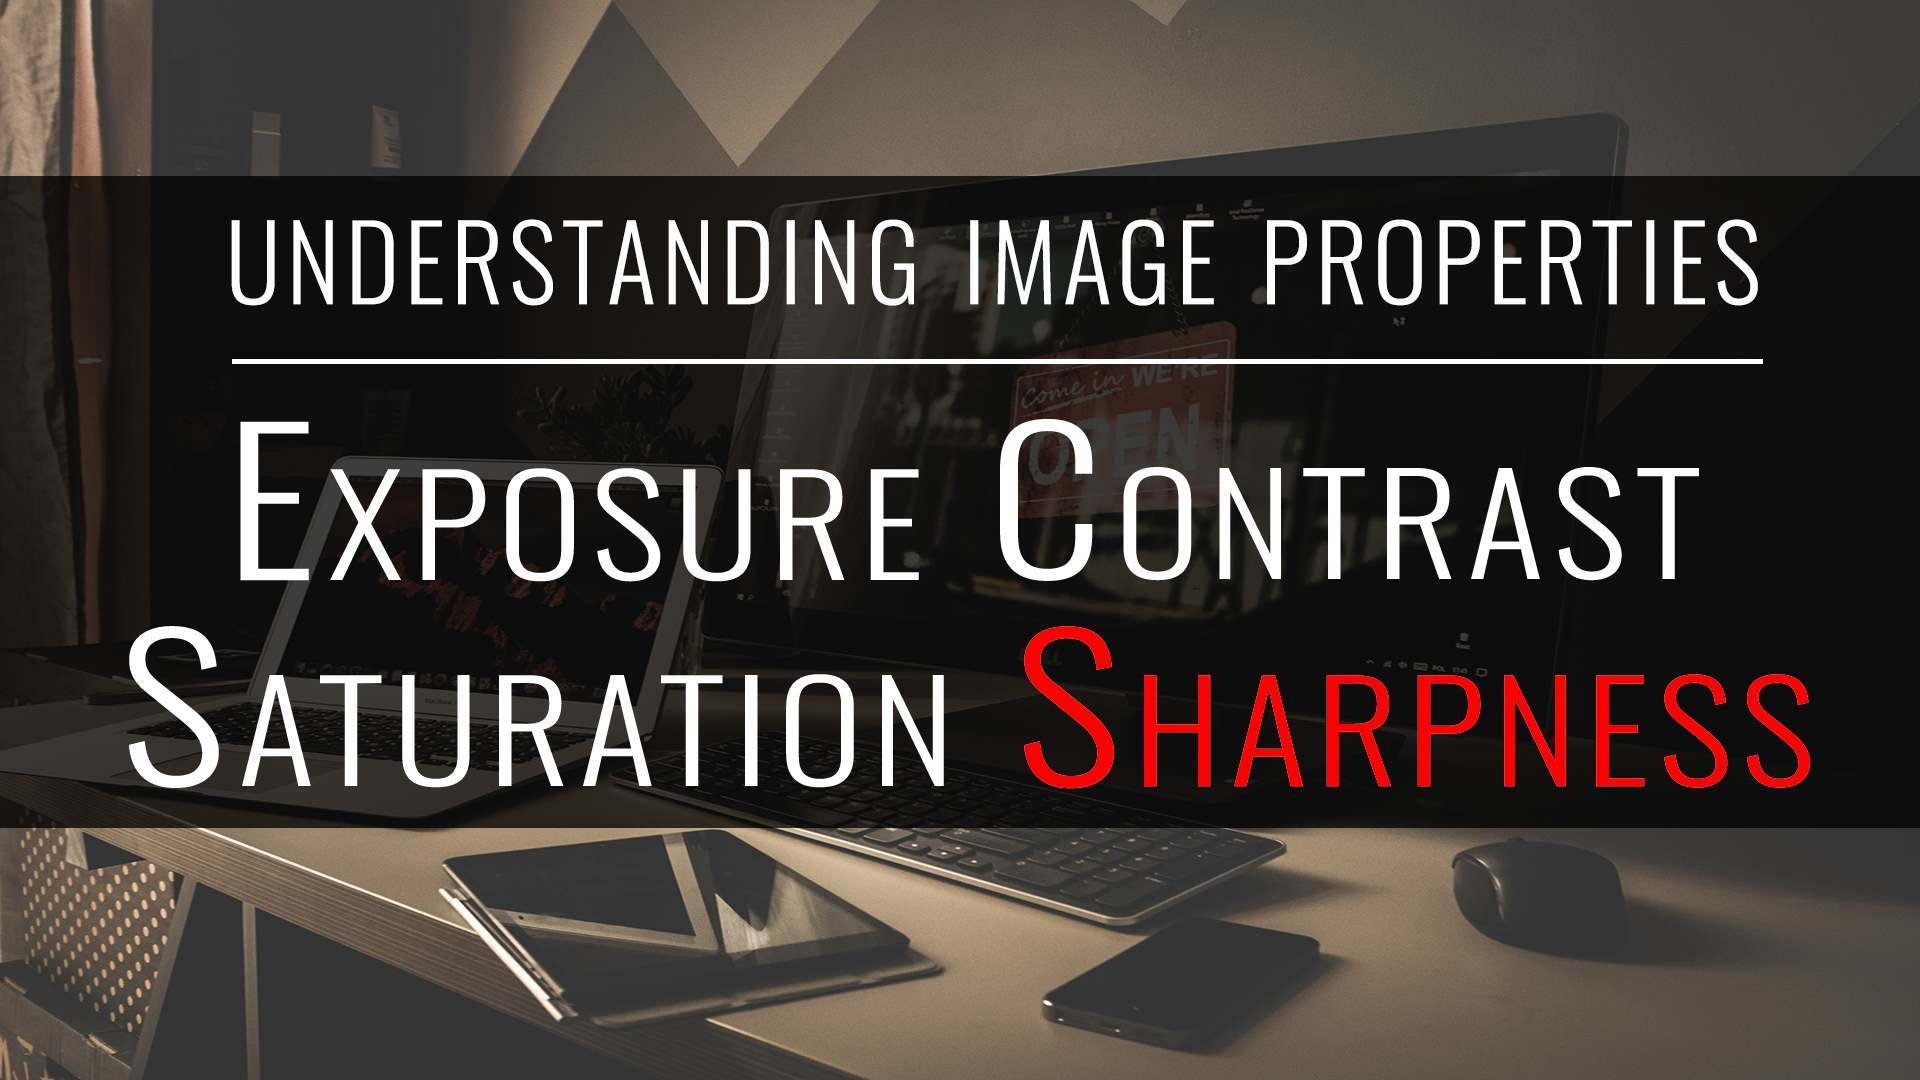 tutorial: understanding image properties, sharpness